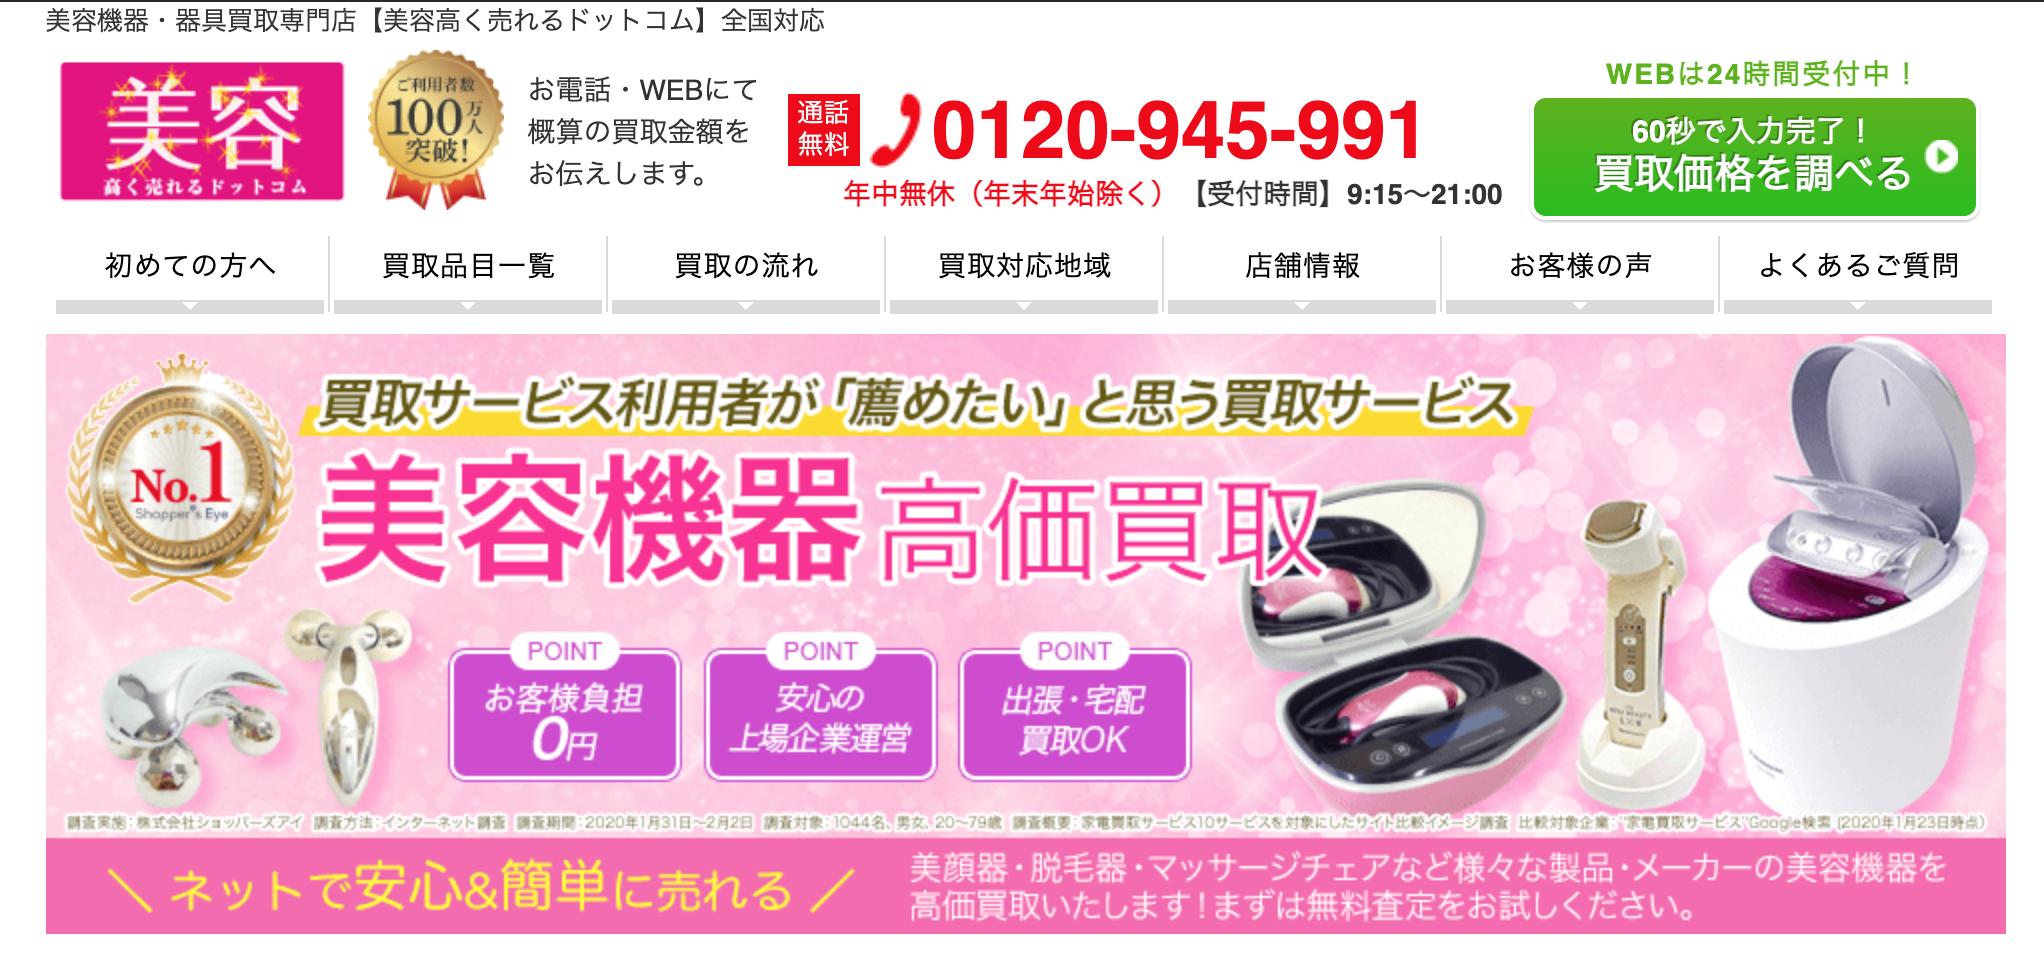 美容高く売れる.com